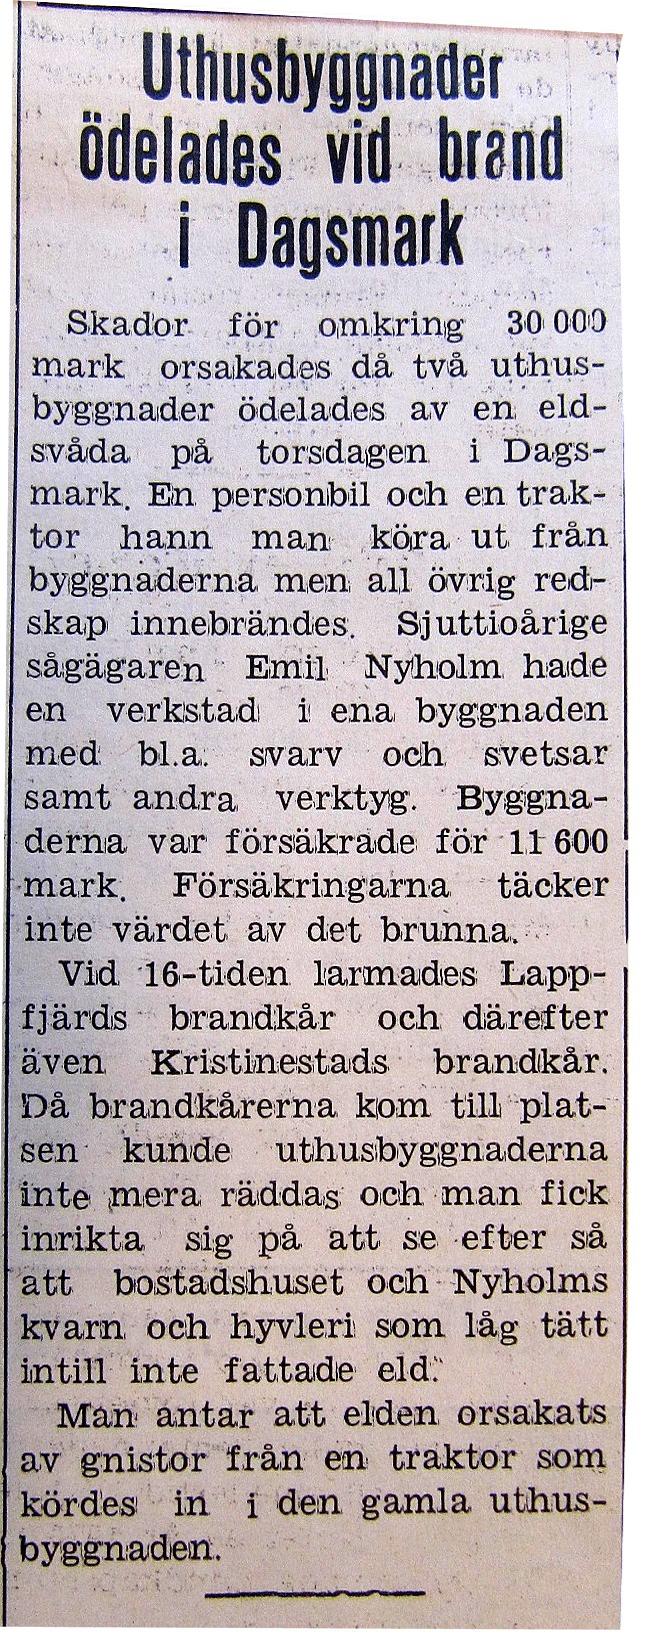 Sommaren 1971 förstördes 2 uthusbyggnader i en brand hos Emil Nyholm. Urklippet ur tidningen Syd-Österbotten.